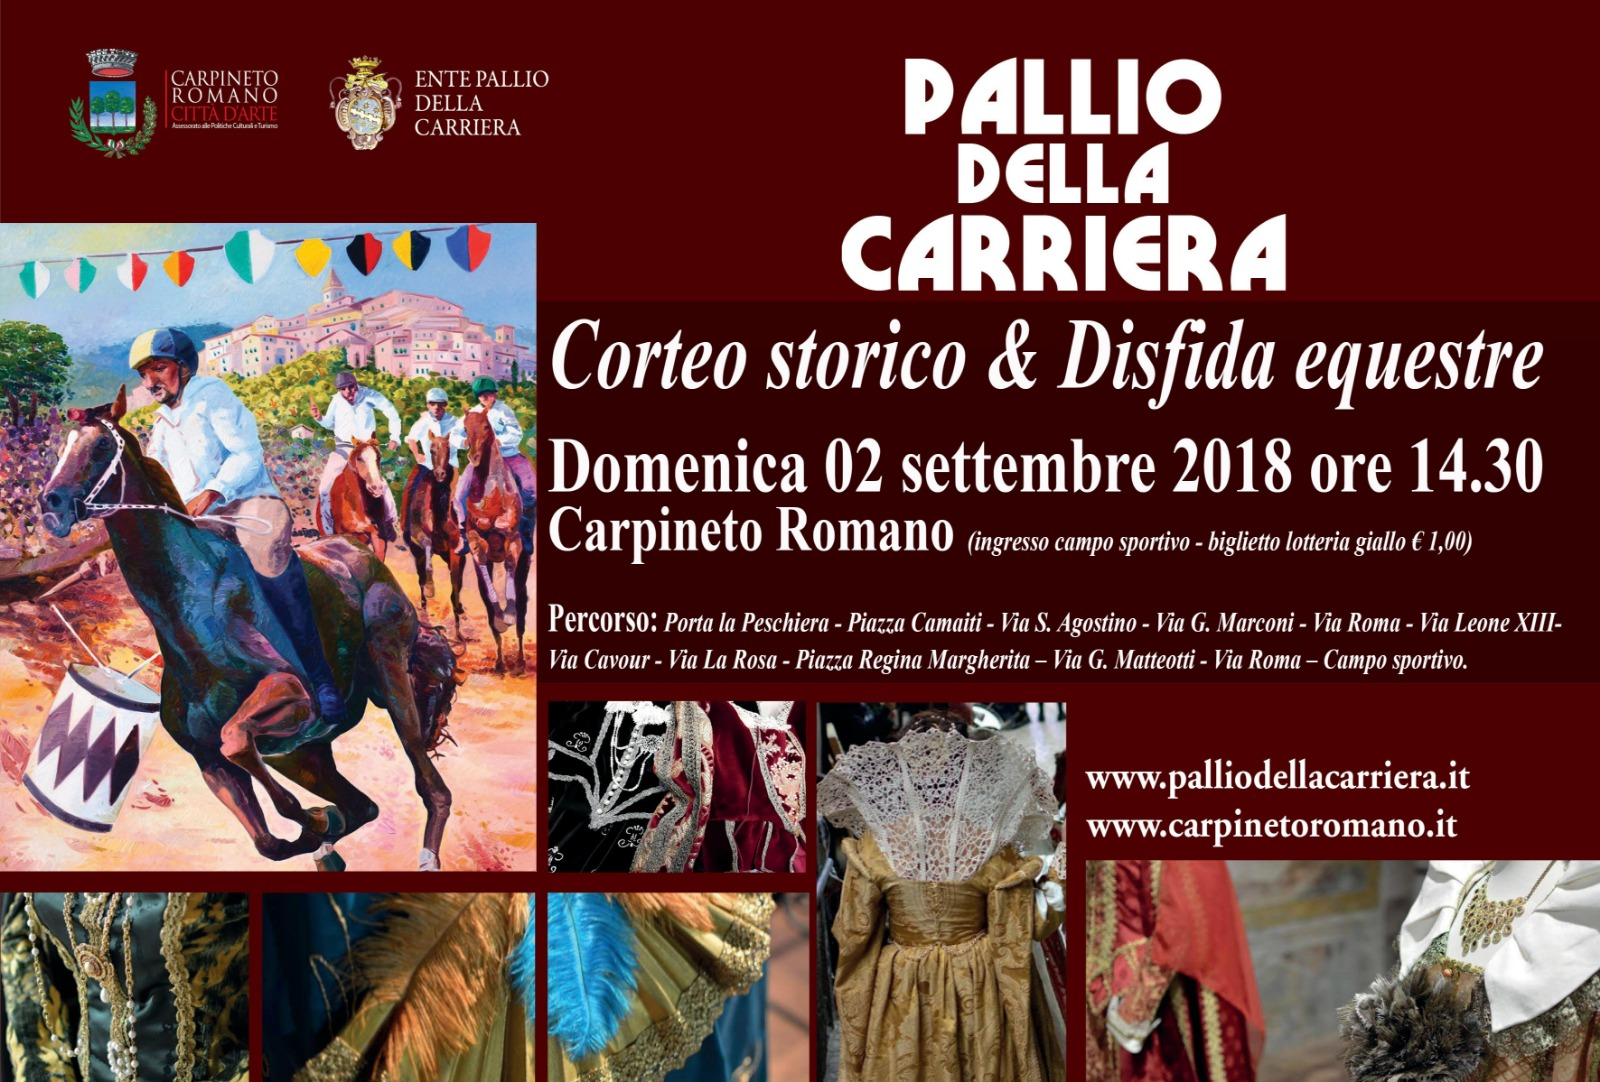 Carpineto Romano: Pallio della carriera @ Centro storico   Carpineto Romano   Lazio   Italia